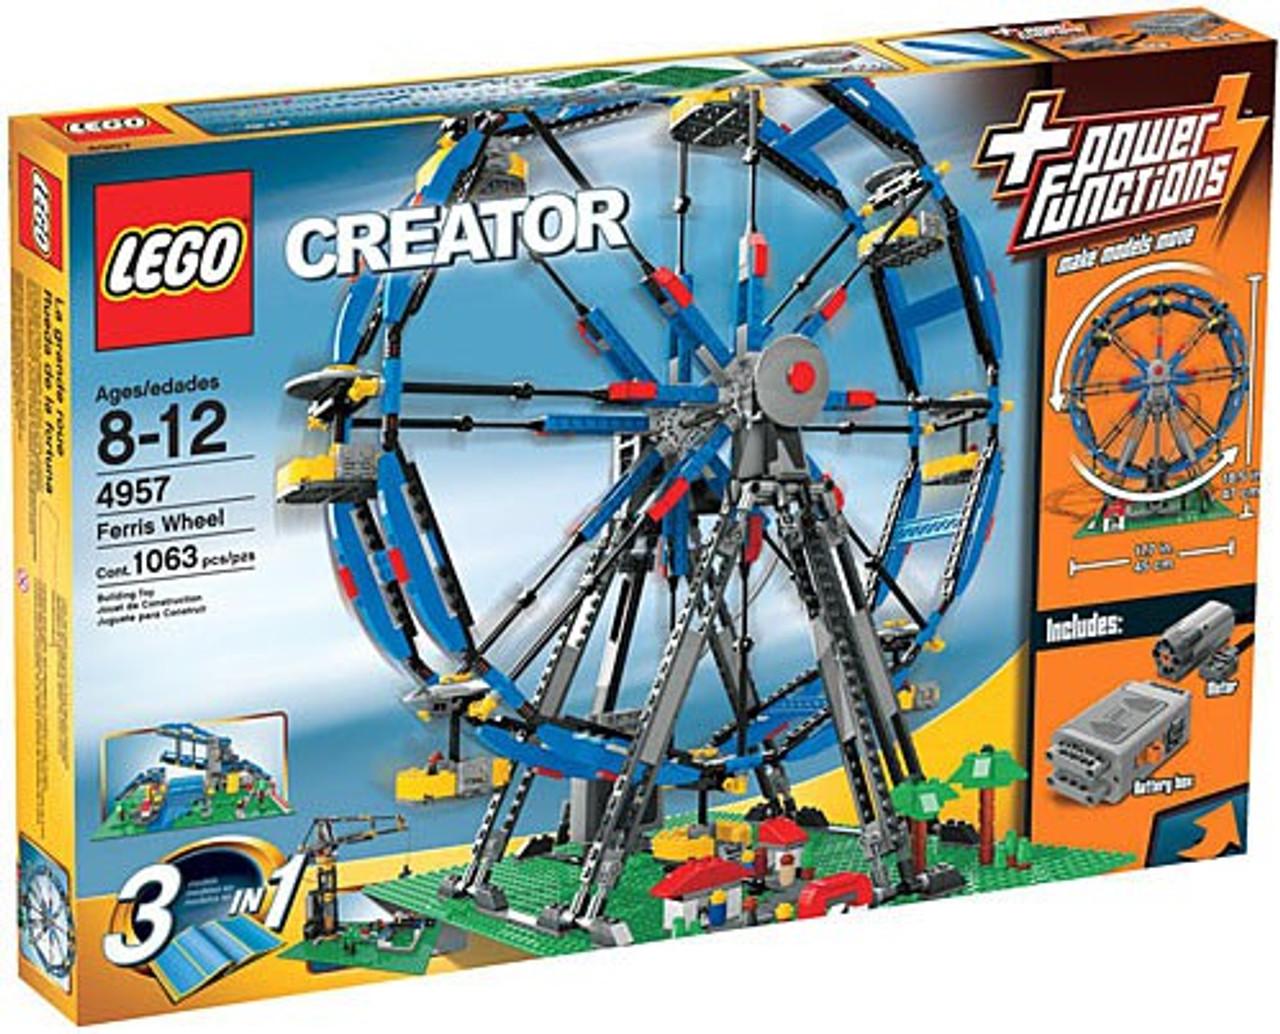 LEGO Creator Ferris Wheel Set #4957